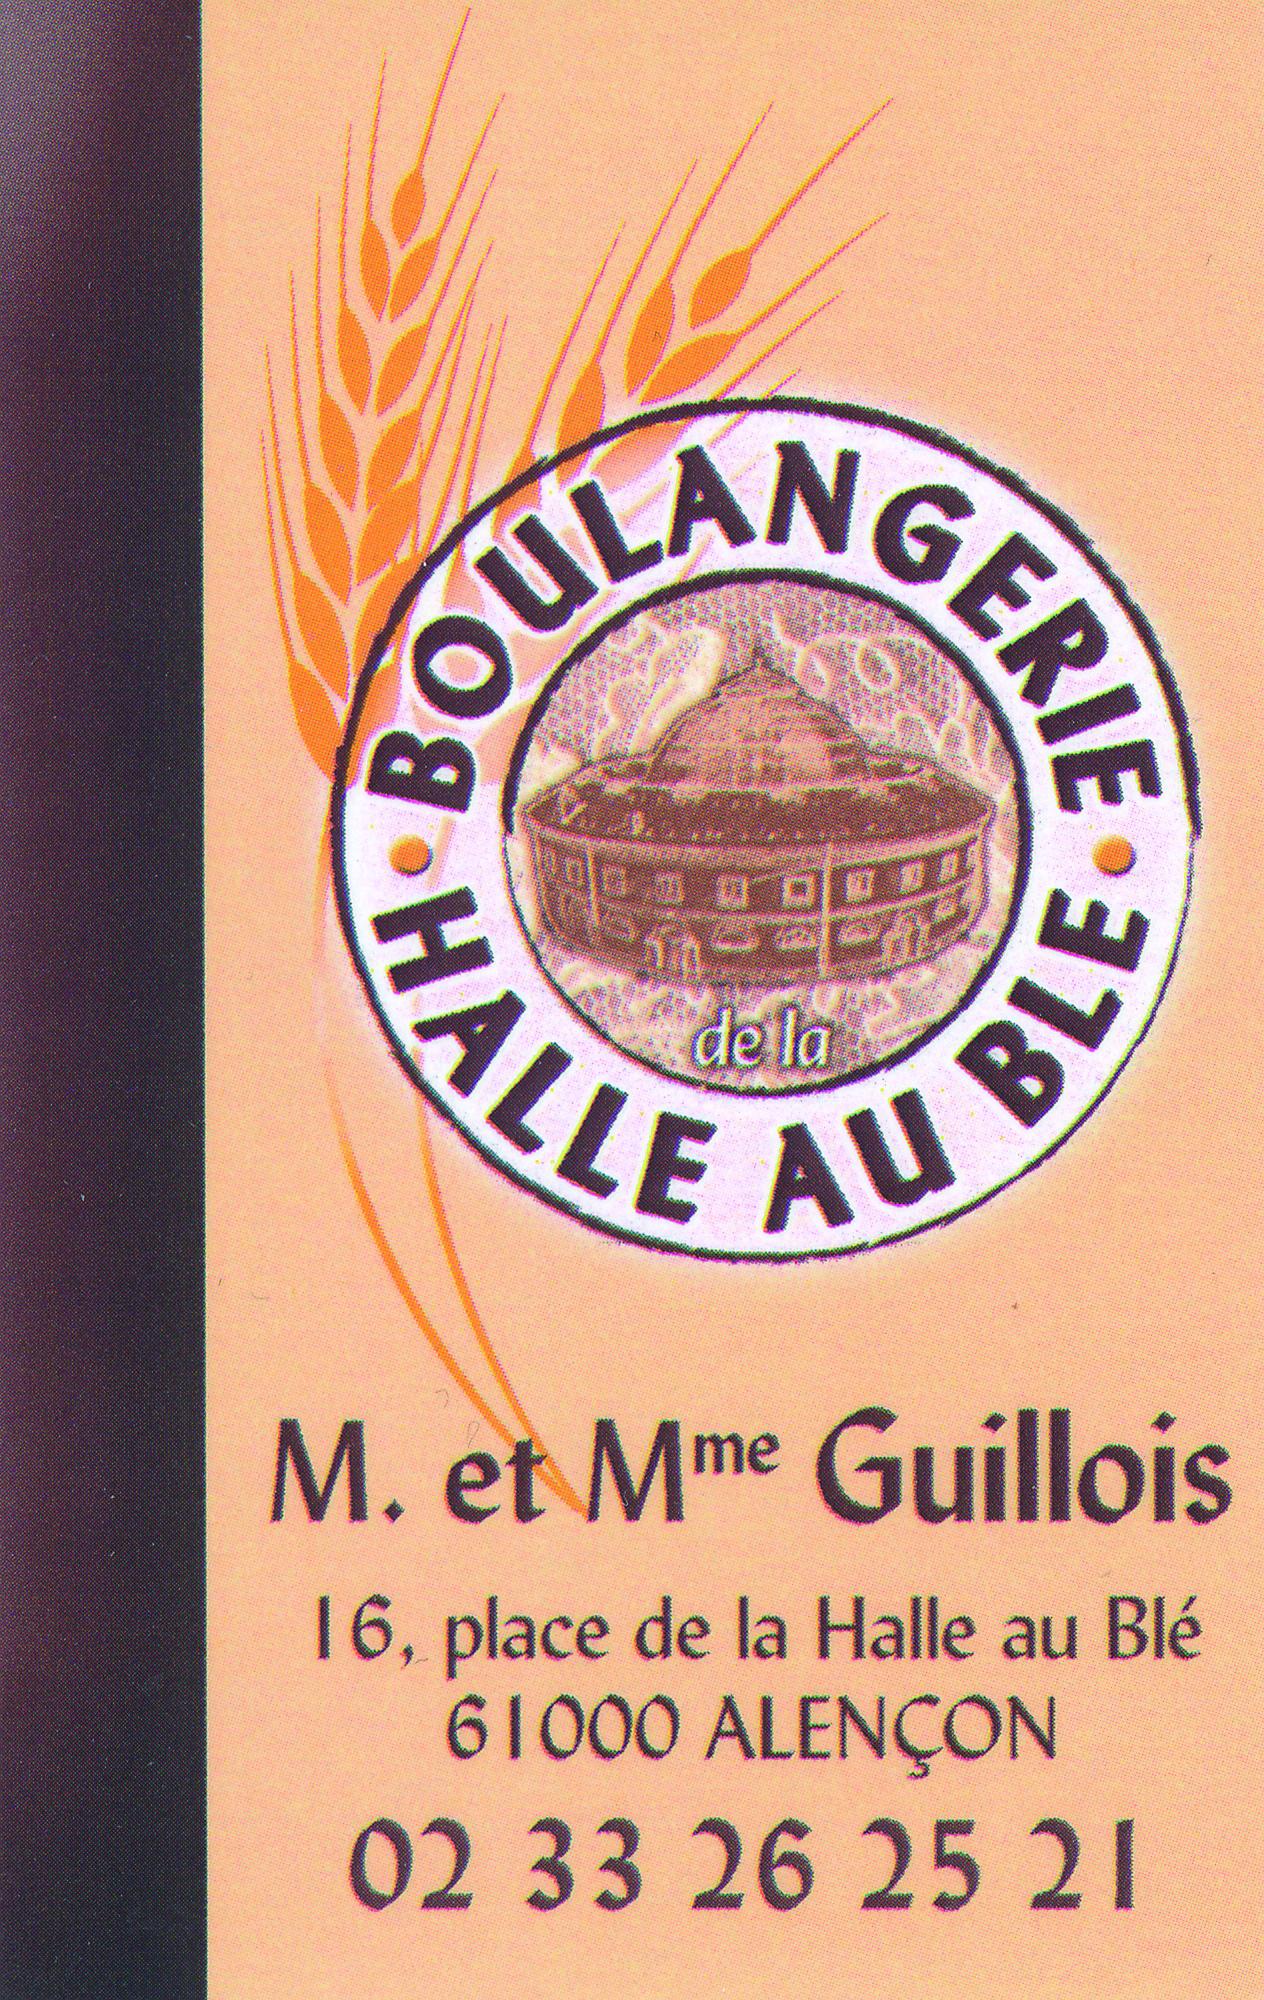 Boulangerie Halle au Blé